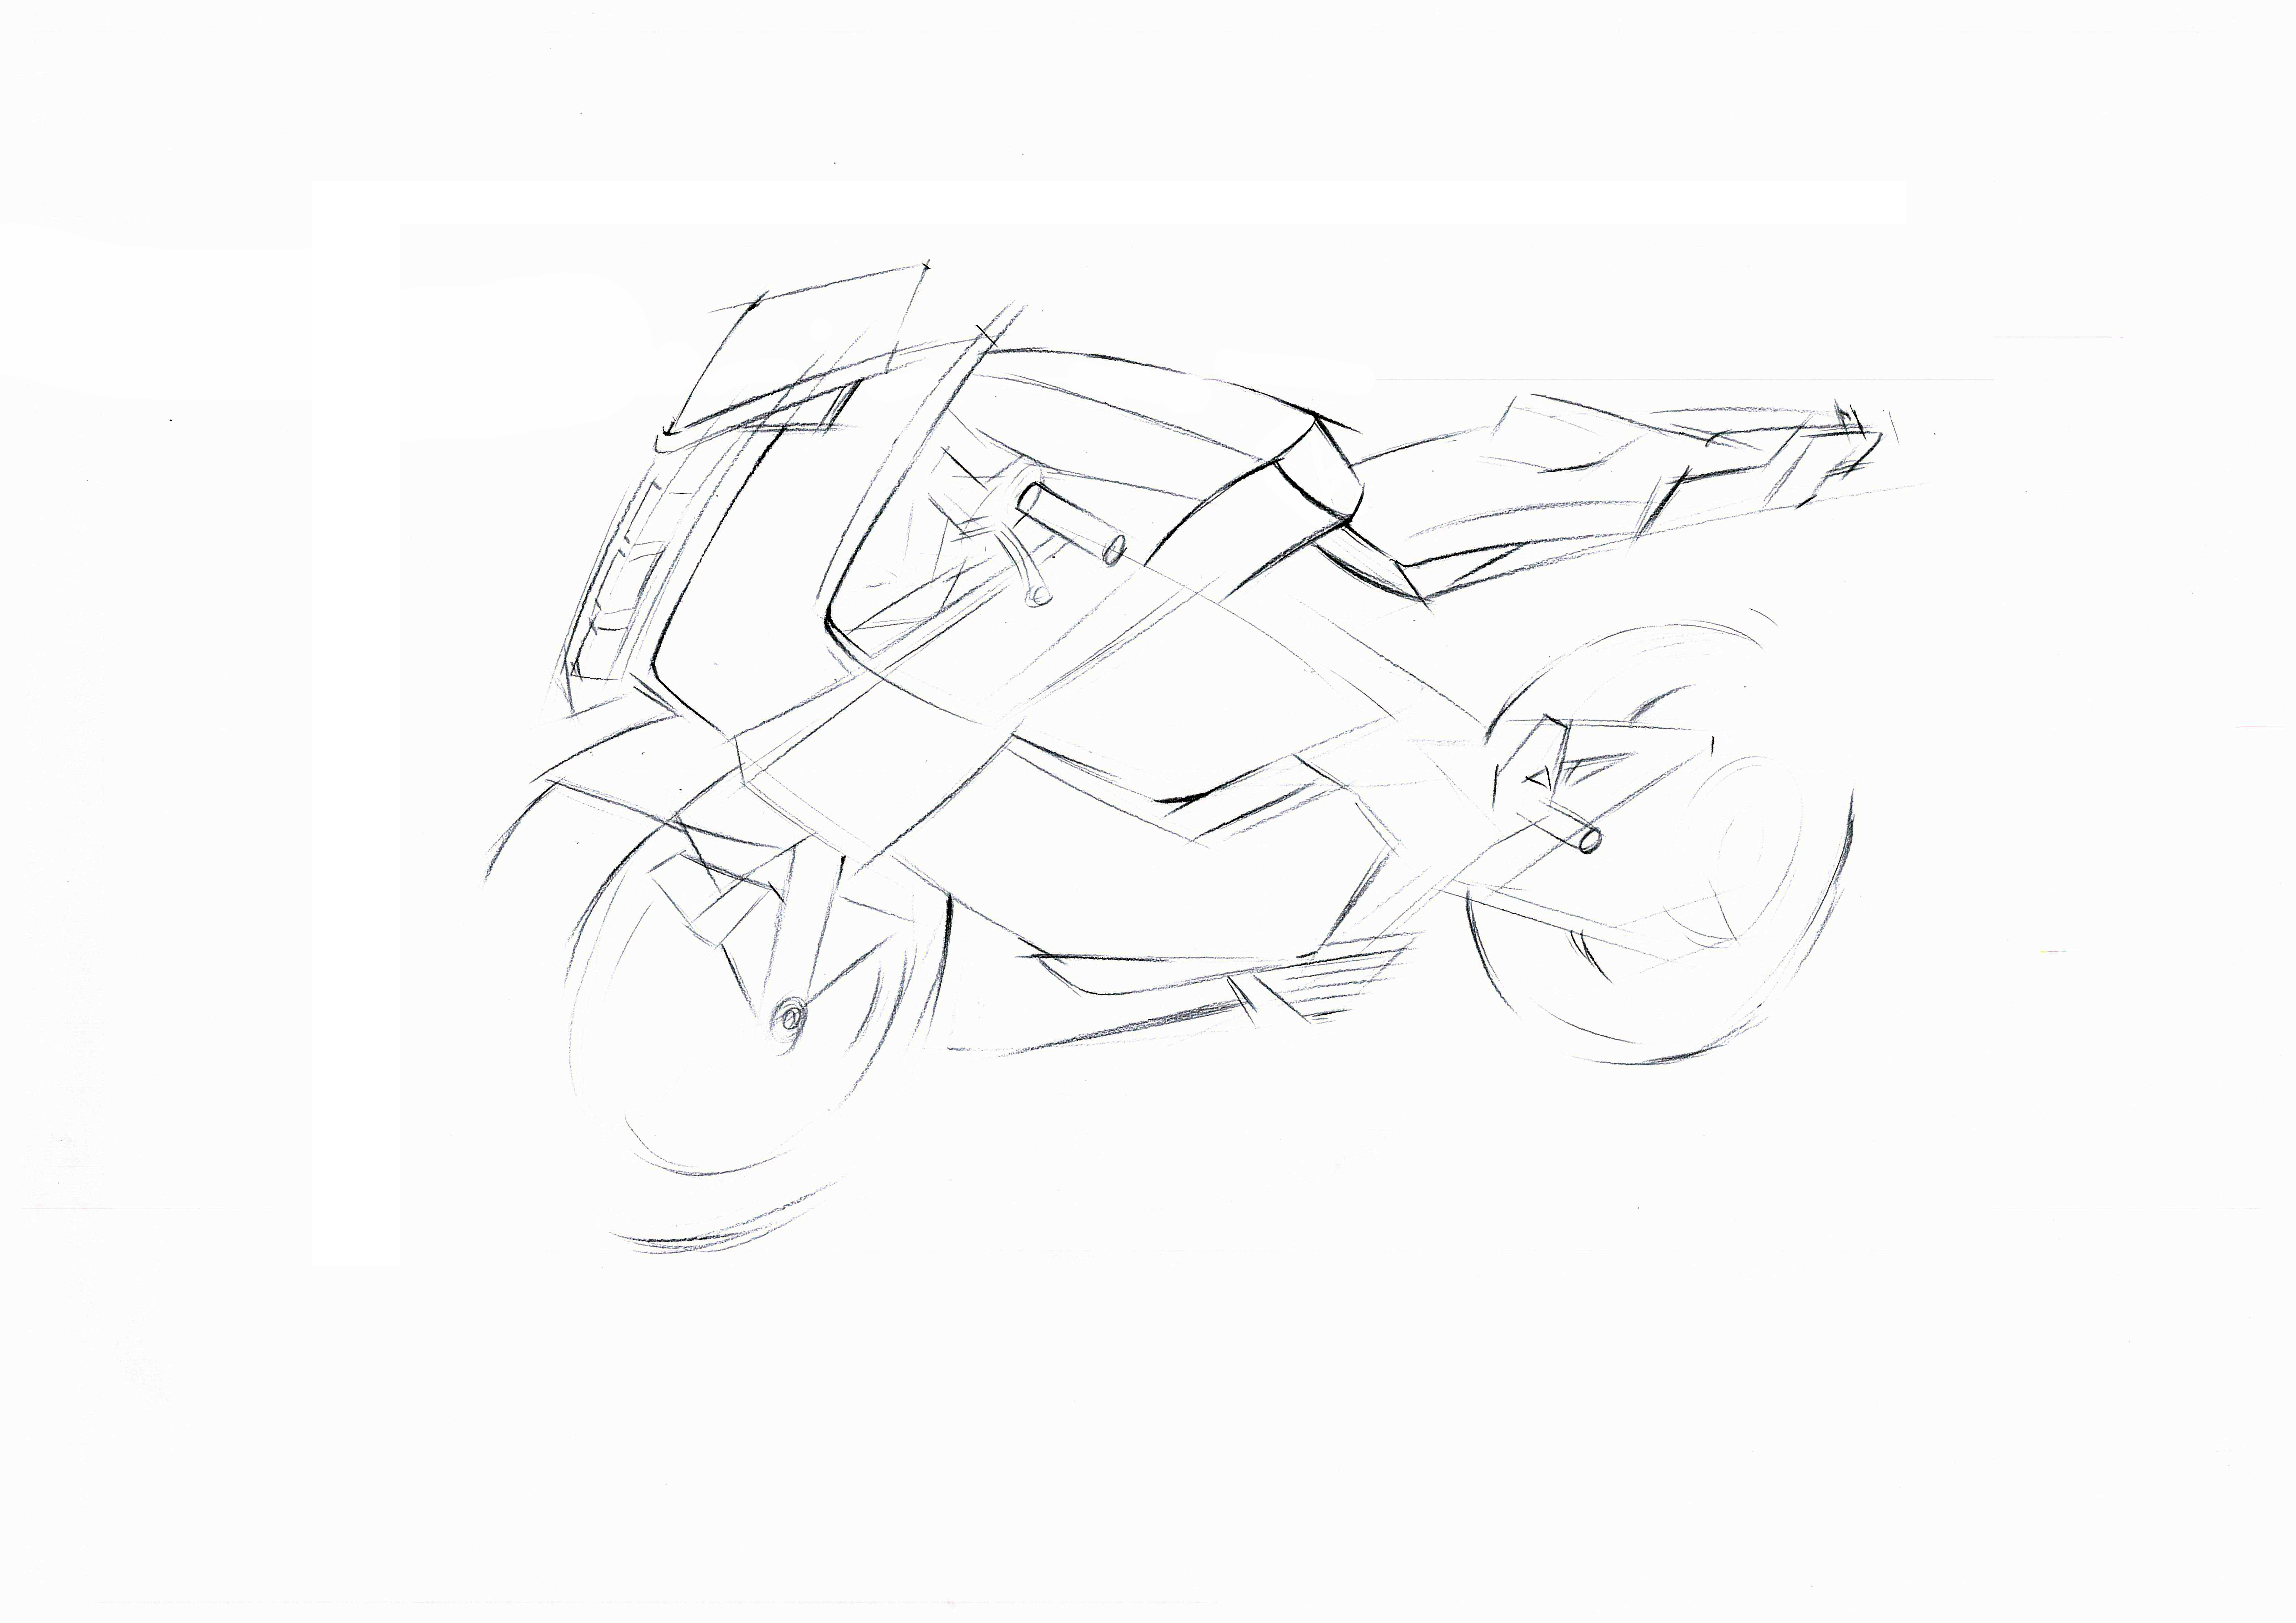 摩托车手绘步骤图